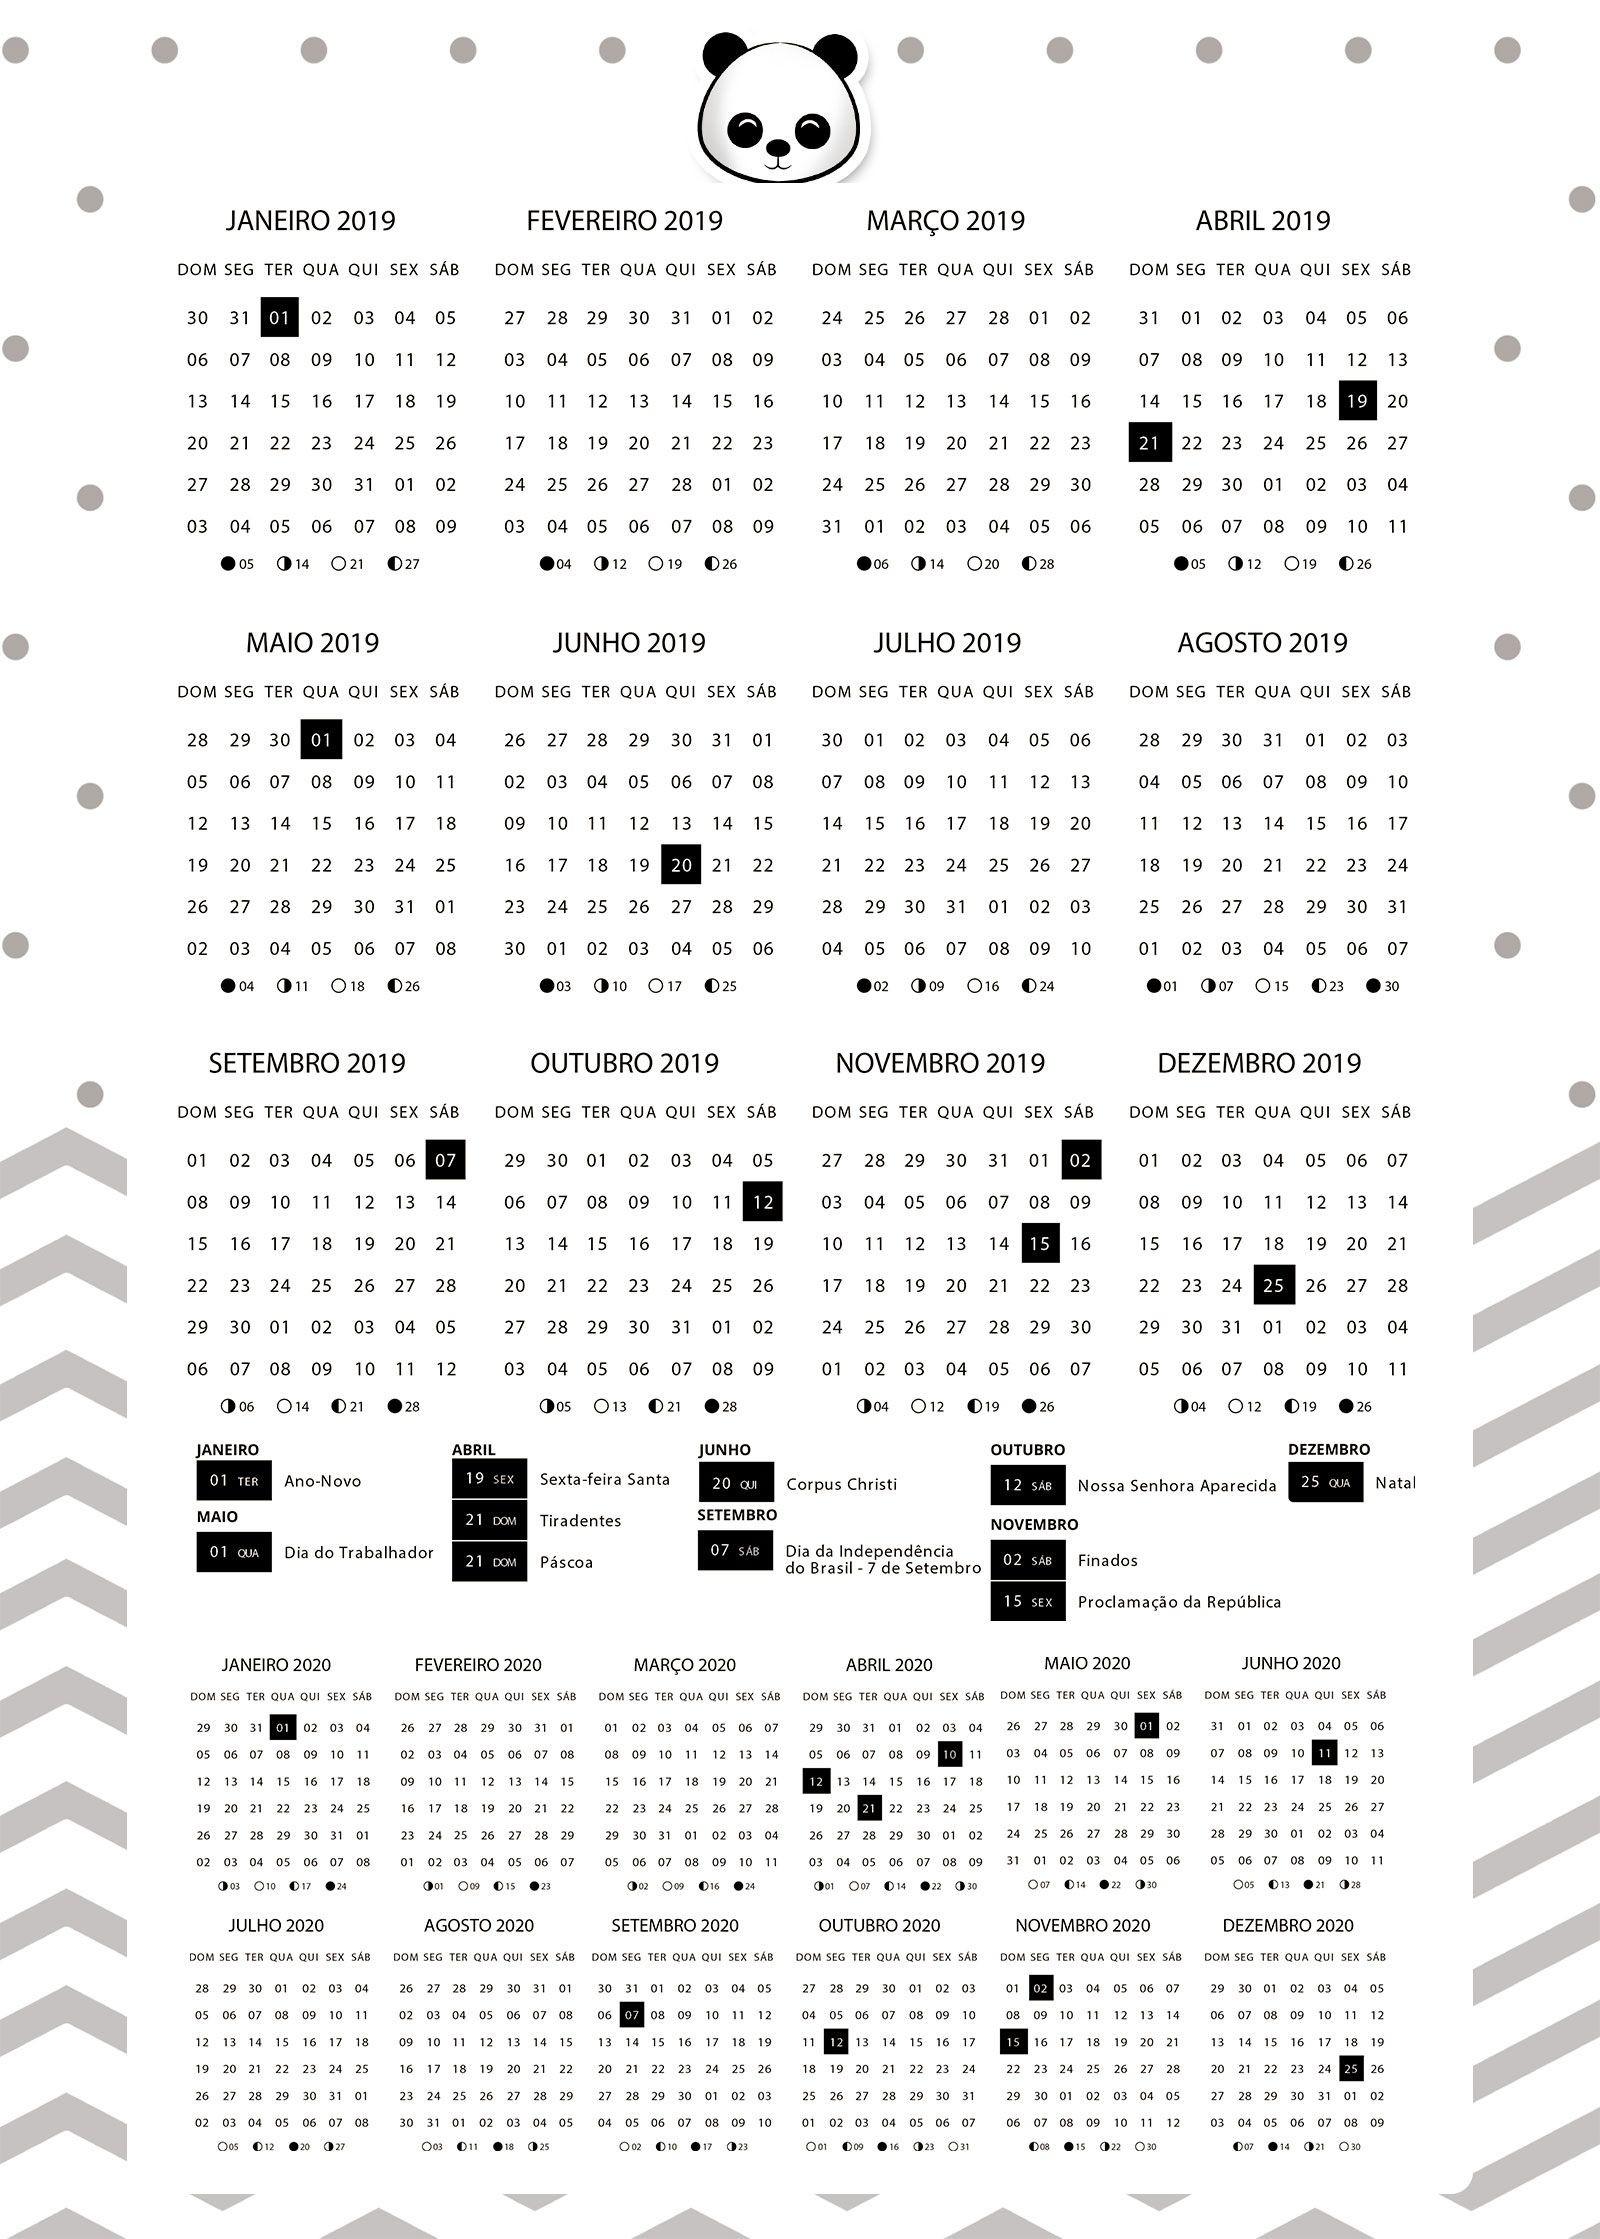 Calendario De Setembro 2019 Para Imprimir Más Recientes Planner 2019 Panda Menino Calendario 2019 E 2020 Of Calendario De Setembro 2019 Para Imprimir Más Actual Manifesta‡ƒo Dos Taxistas Contra A Uber Lisboa 8 De Setembro De